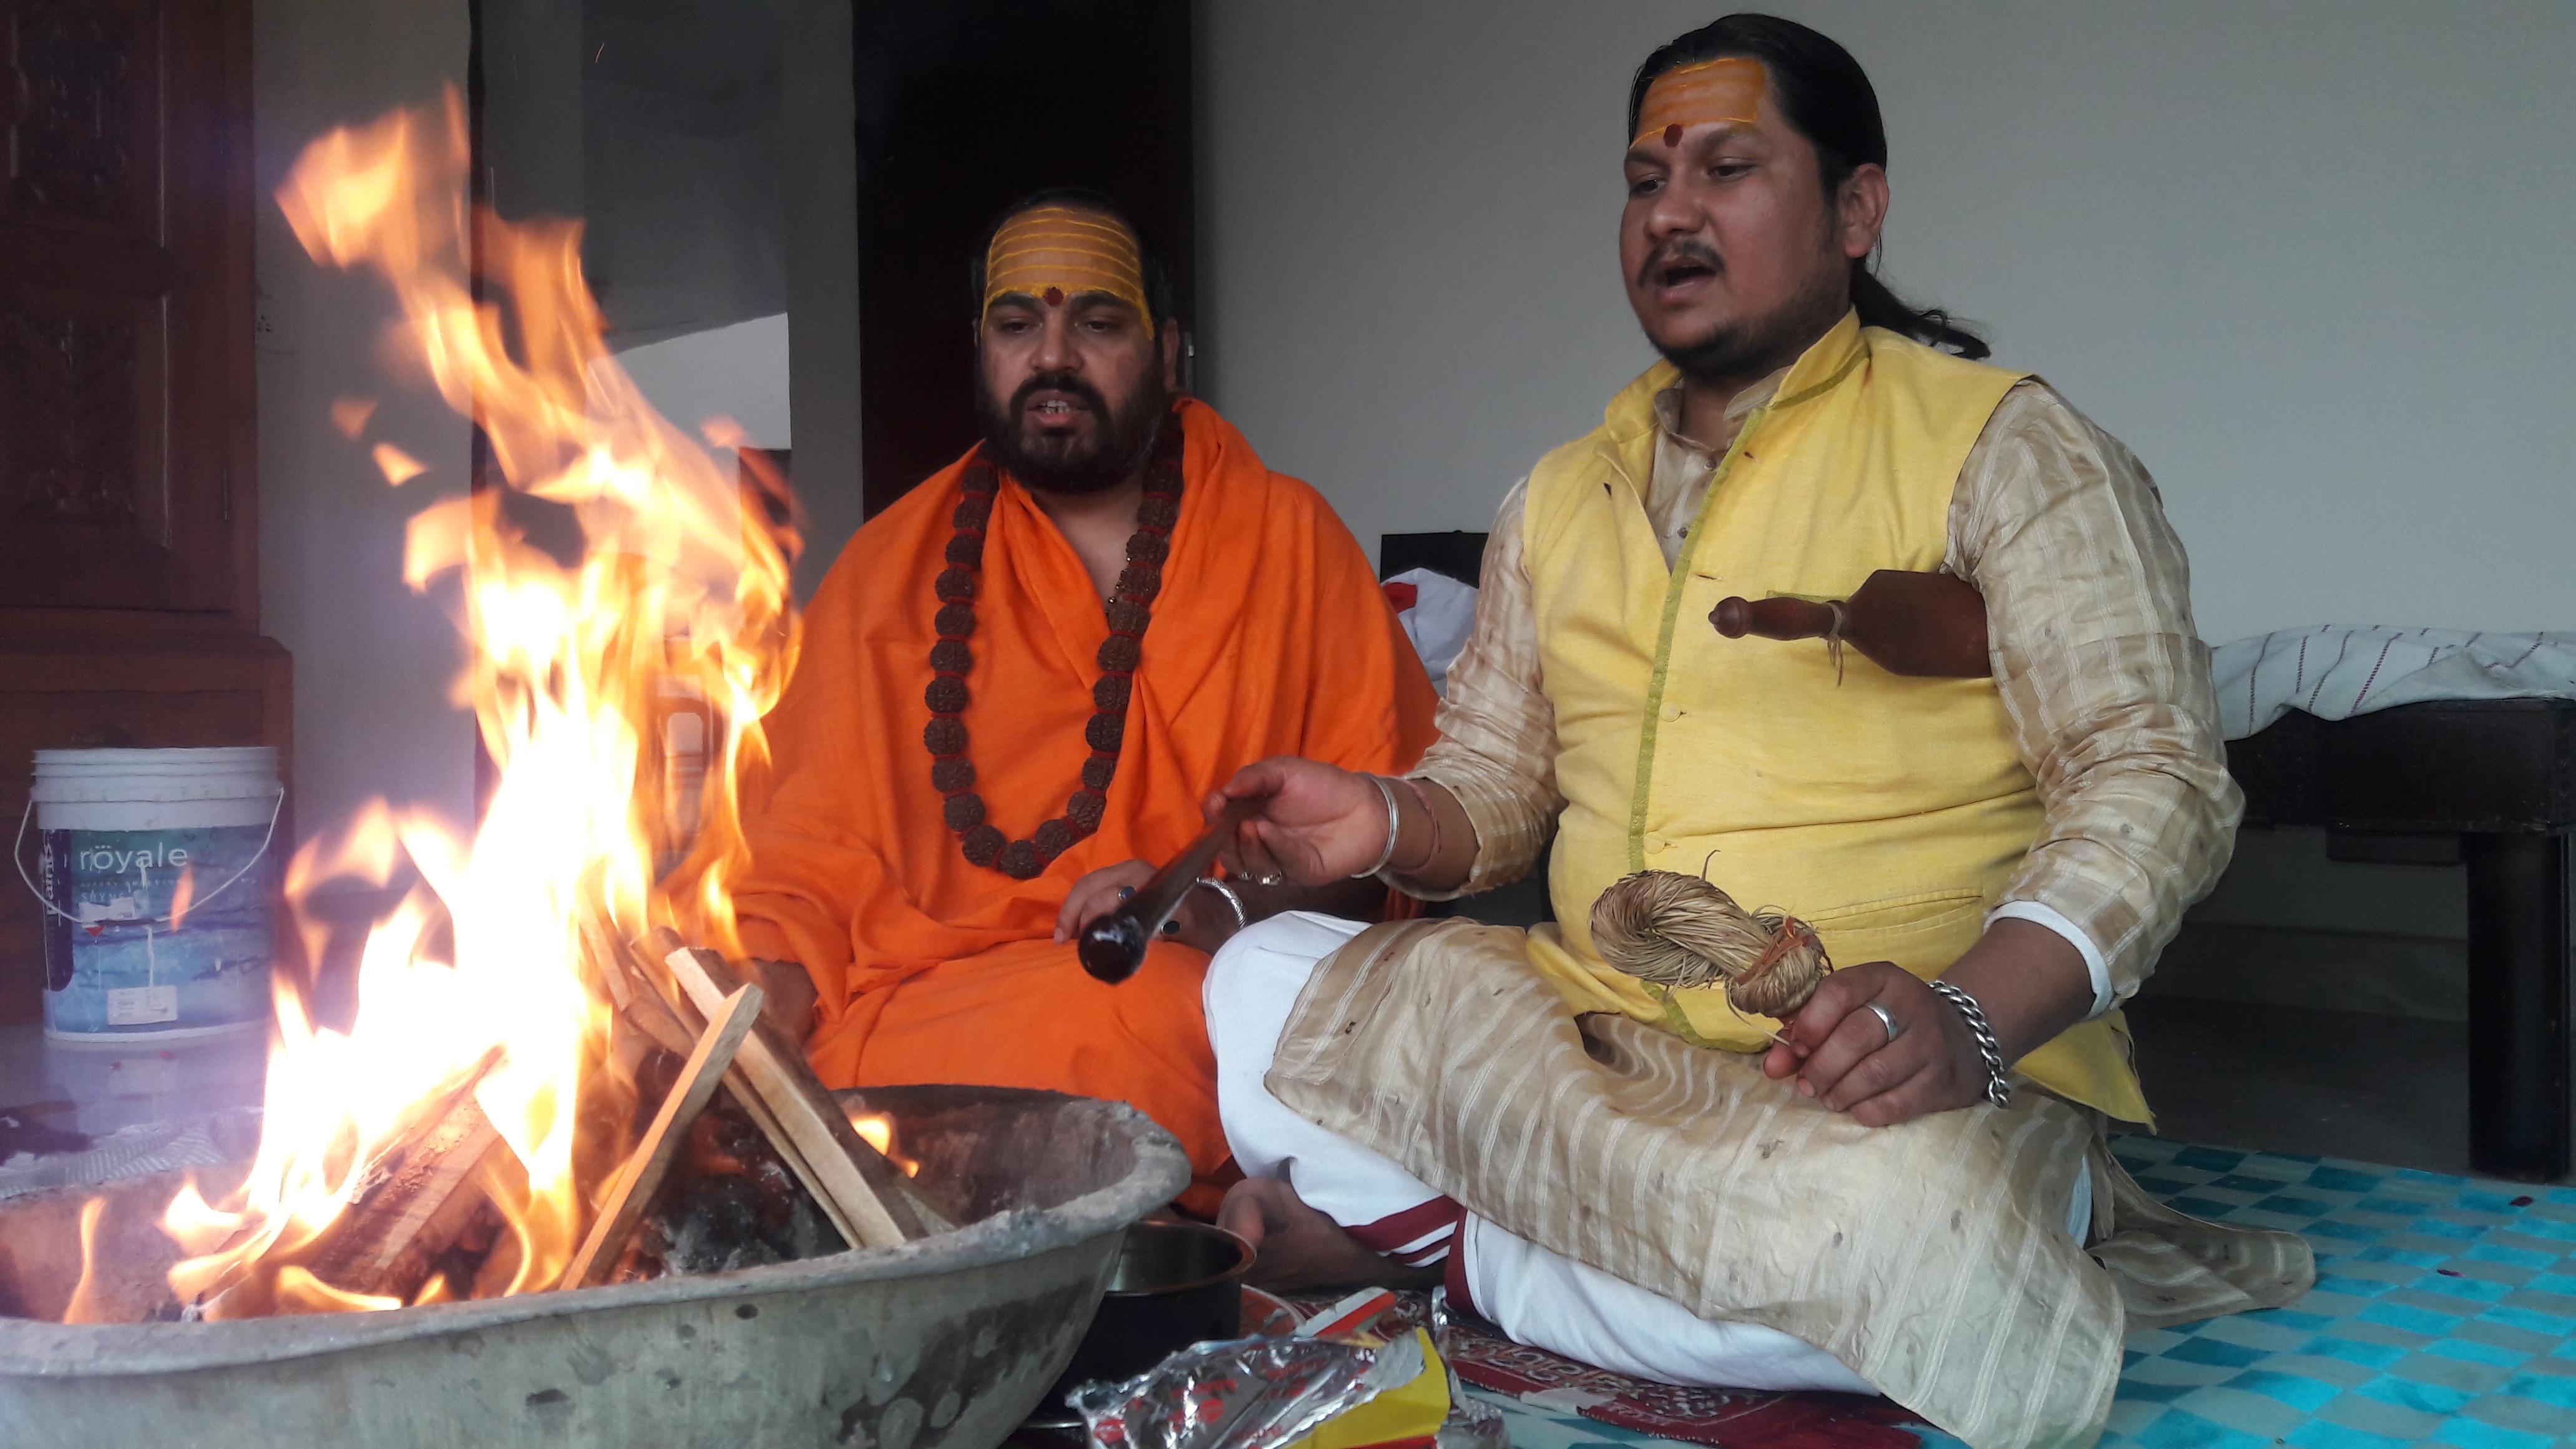 अलीगढ़:--माँ त्रिपुर भैरवी की उपासना से मिलती है सर्वसंपदा : डॉ ब्रजेश शास्त्री।